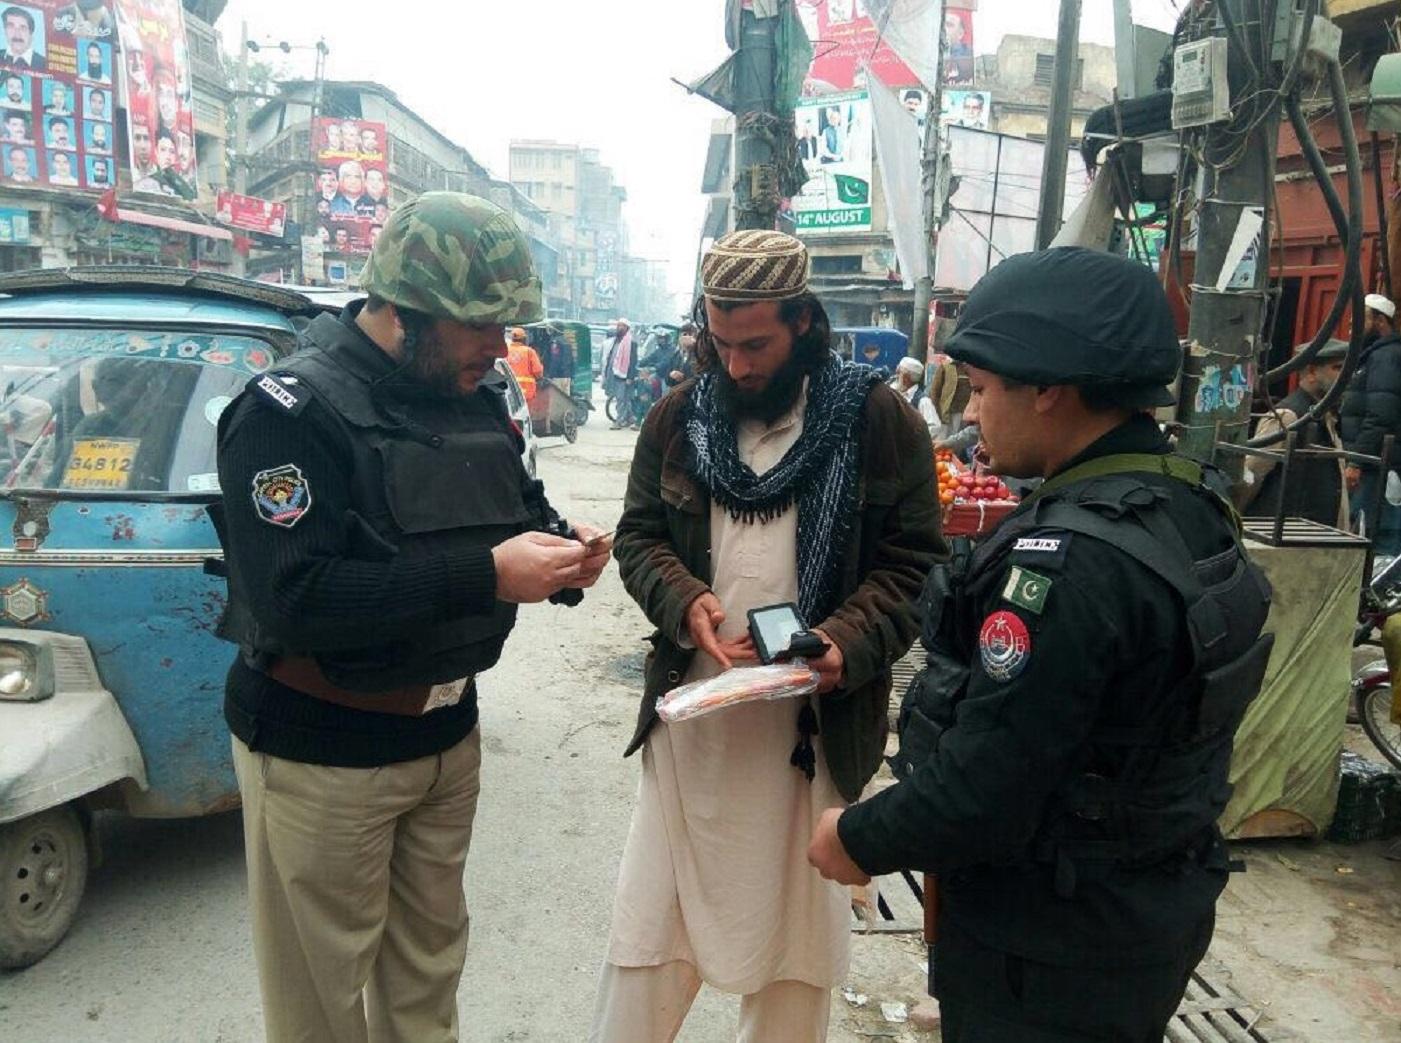 پاکستان نے دہشت گرد حملوں کی تازہ لہر کے بعد حفاظتی اقدامات سخت کر دیئے